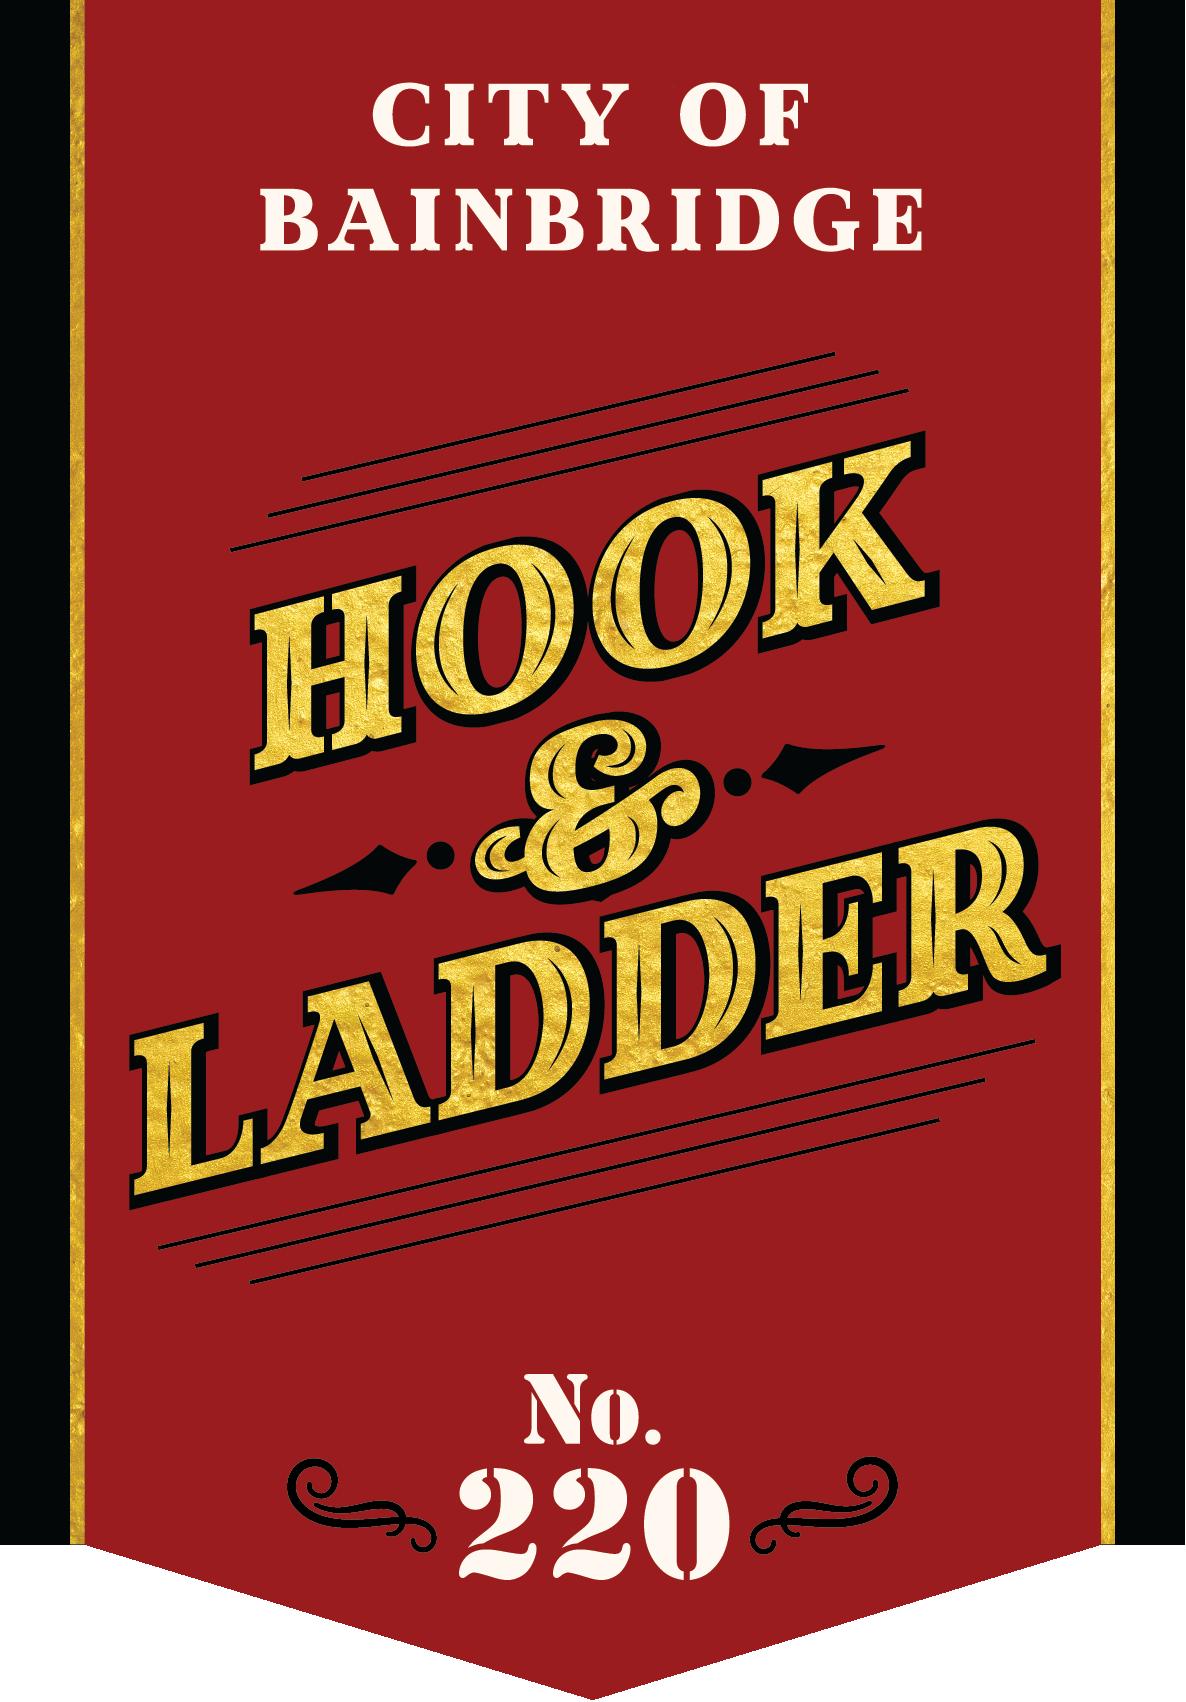 Hook & Ladder logo